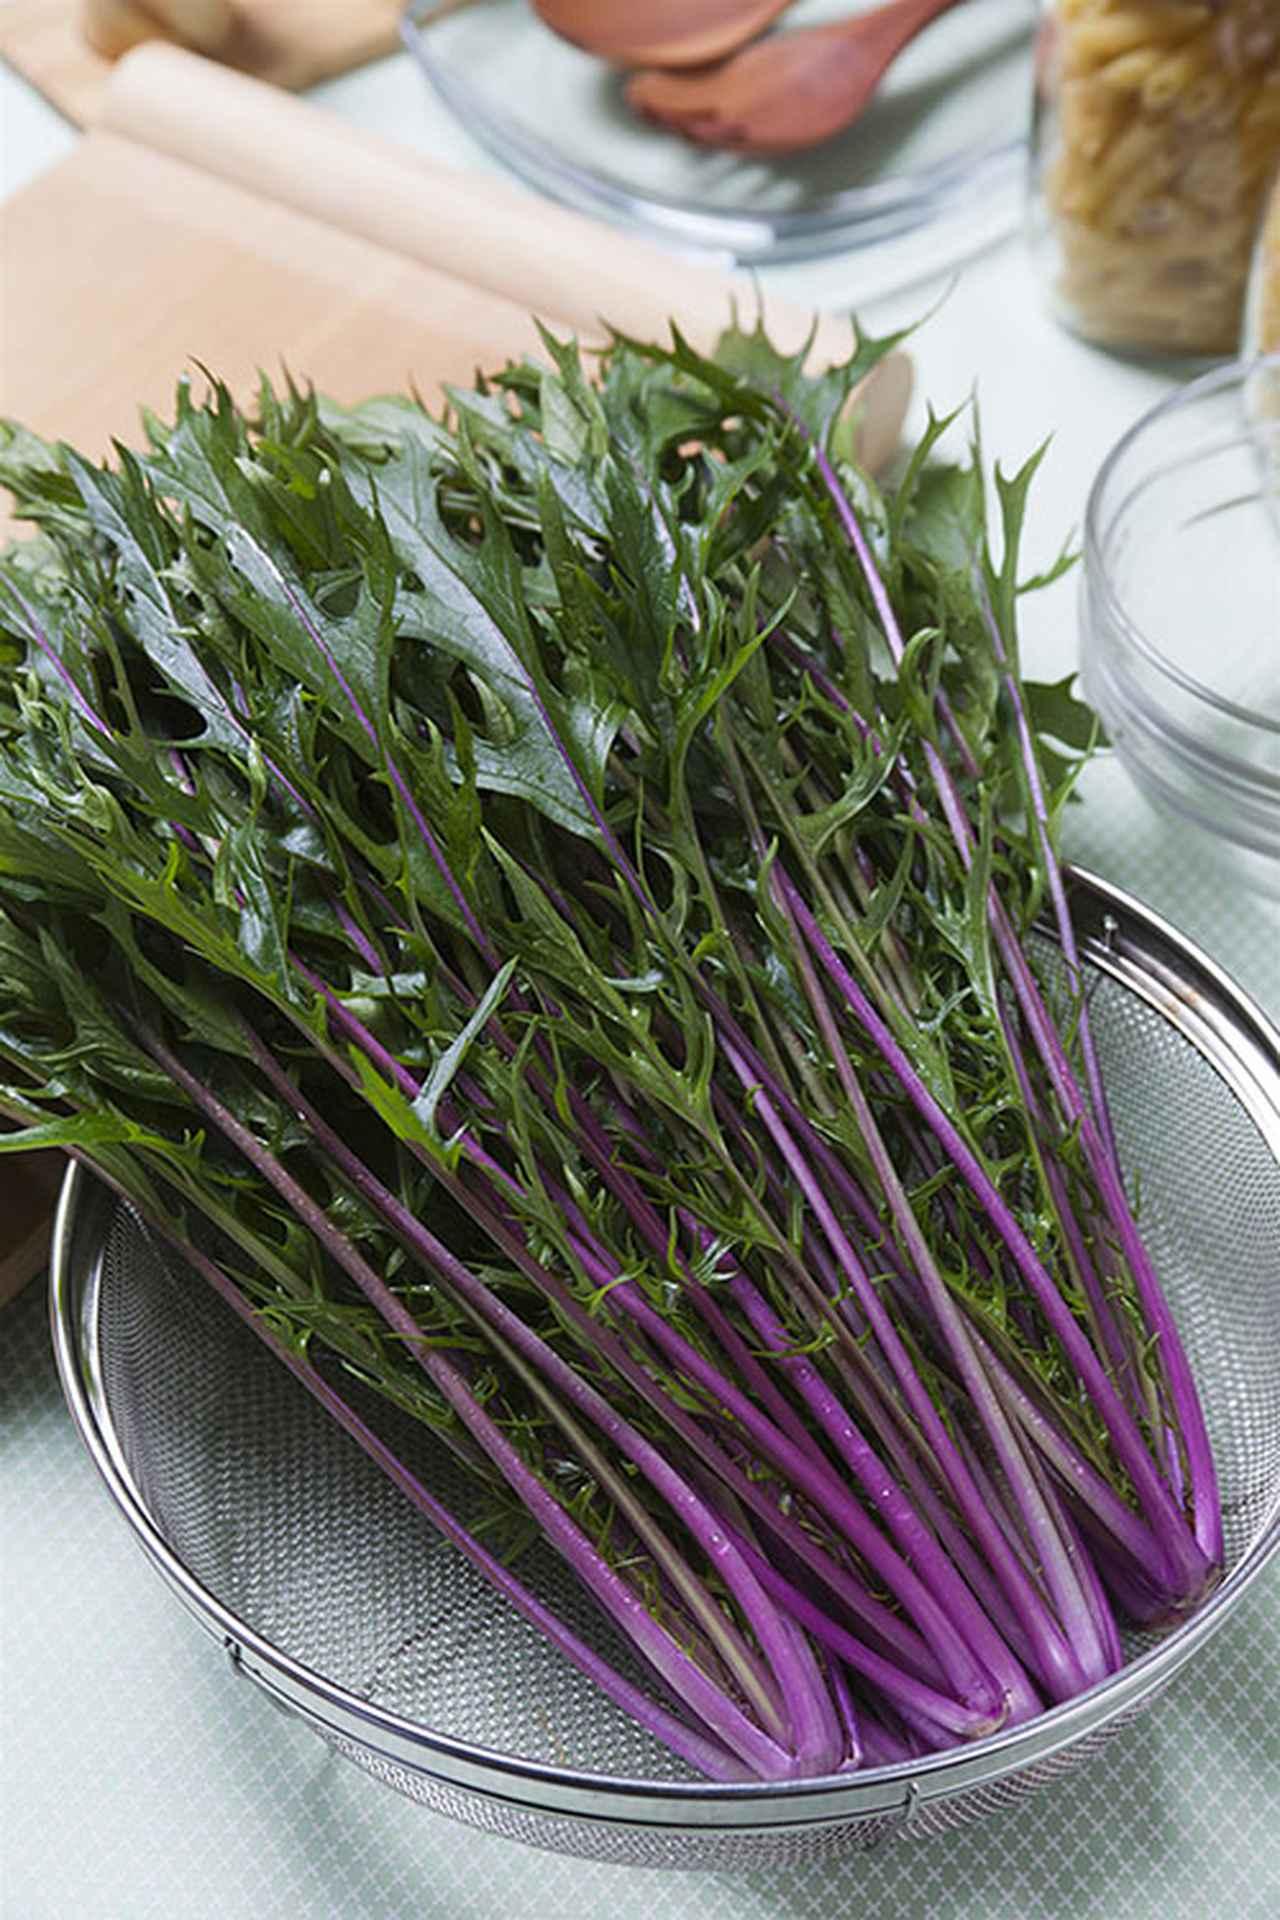 画像: 「紅法師」は、緑と赤紫のコントラストが鮮やかな水菜。アントシアニンを多く含み、クセのない味わいは、サラダをはじめ幅広い料理に使えます